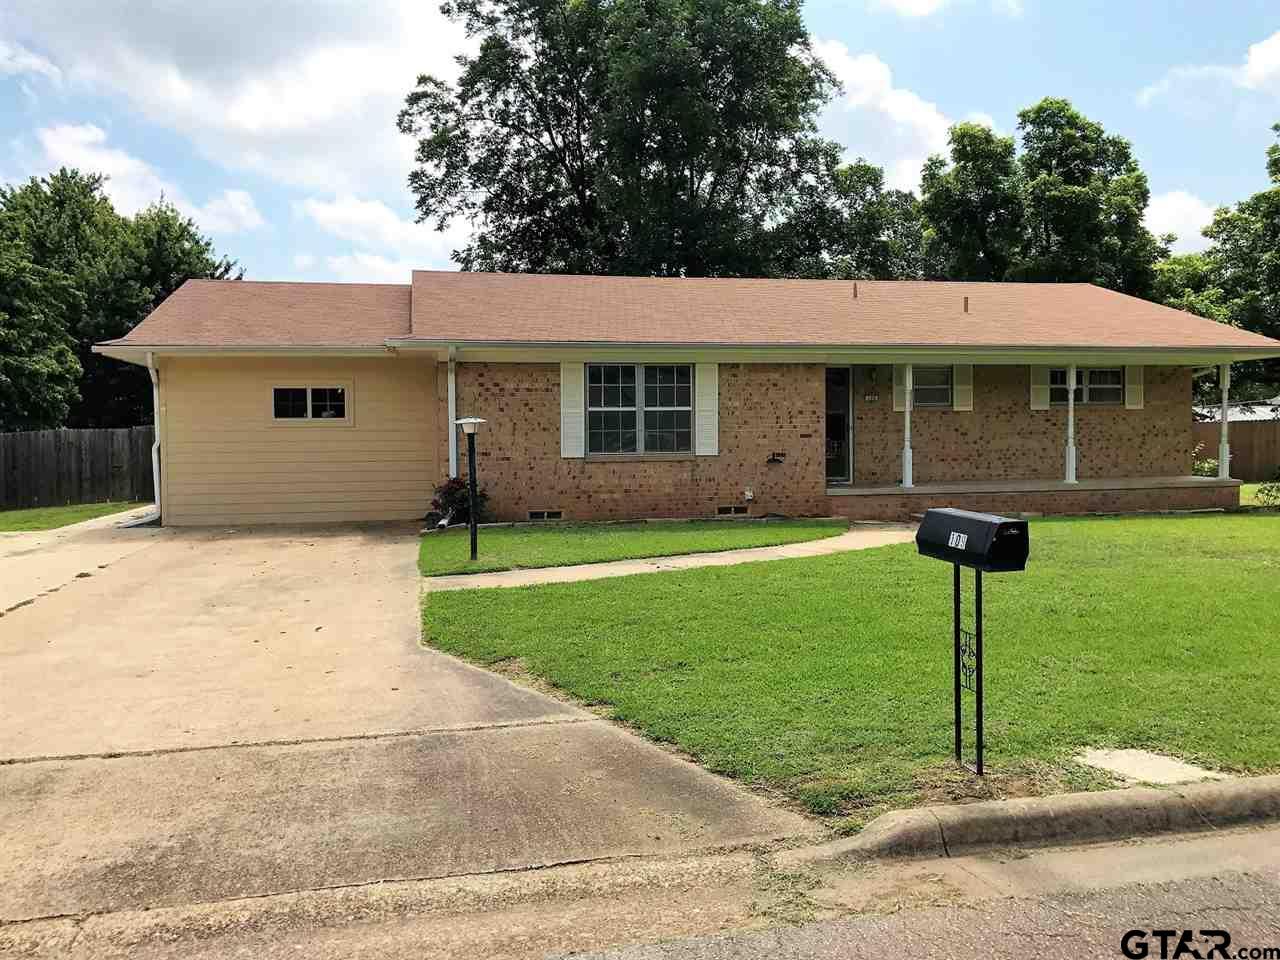 109 Magnolia St, Mt Vernon, TX 75457